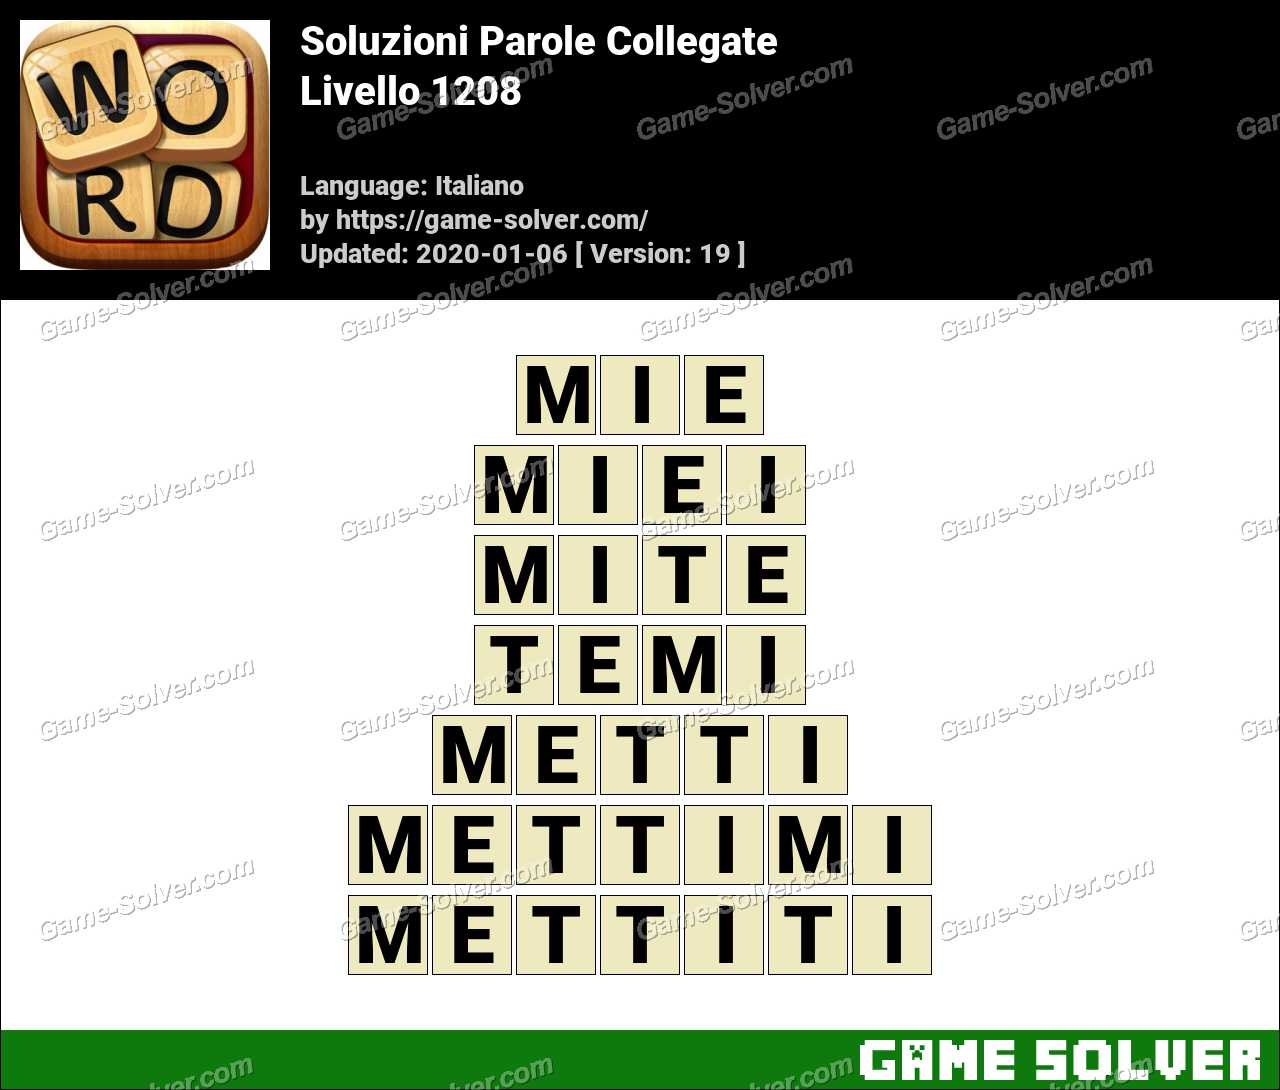 Soluzioni Parole Collegate Livello 1208